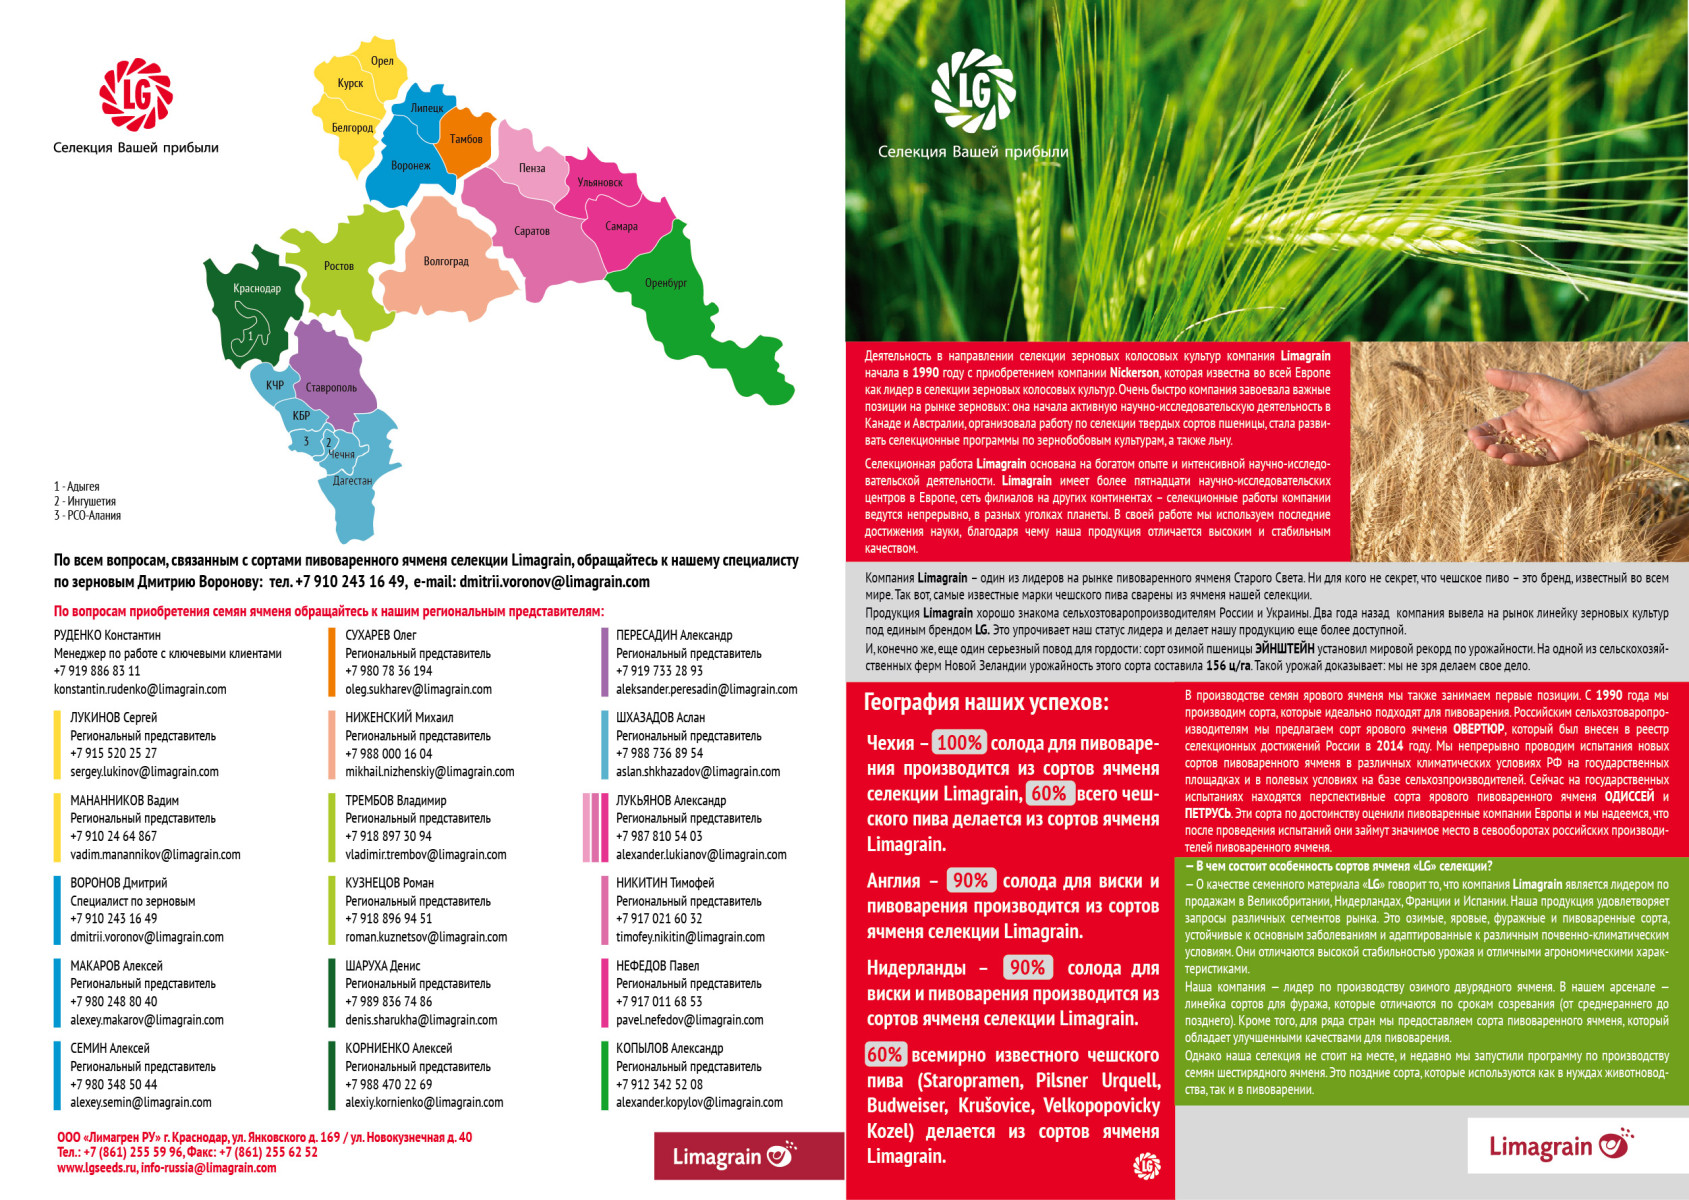 LG_A3_barley_v3_mapcorrect-01